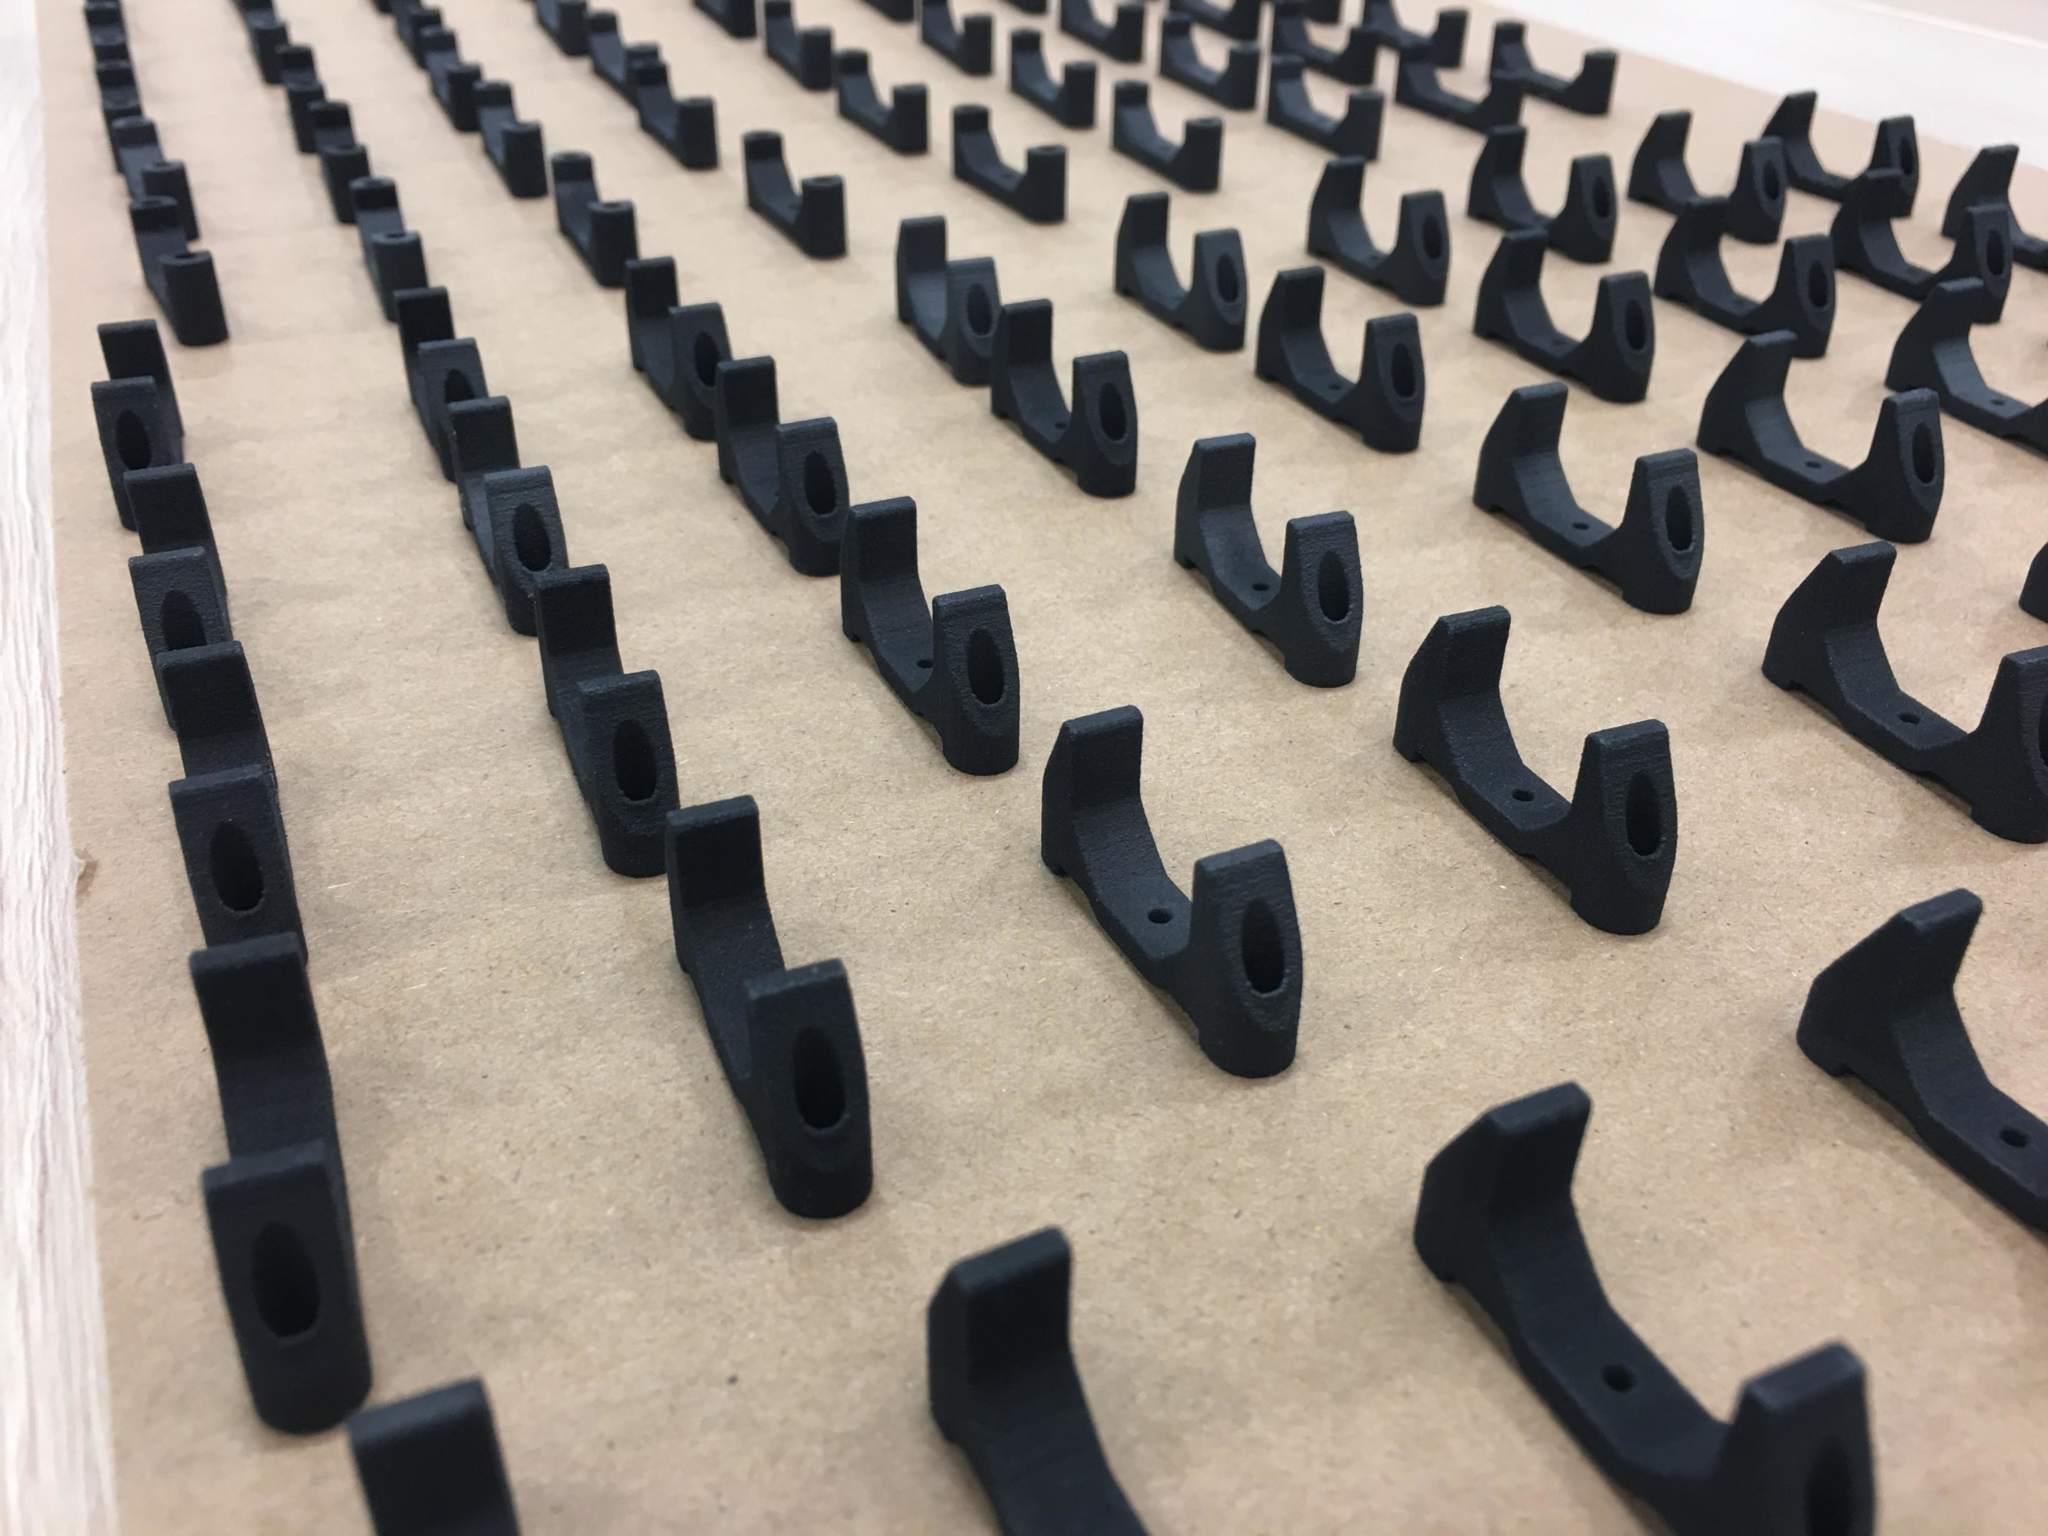 物流公司将3D打印数字仓储整合到其业务中成为新趋势